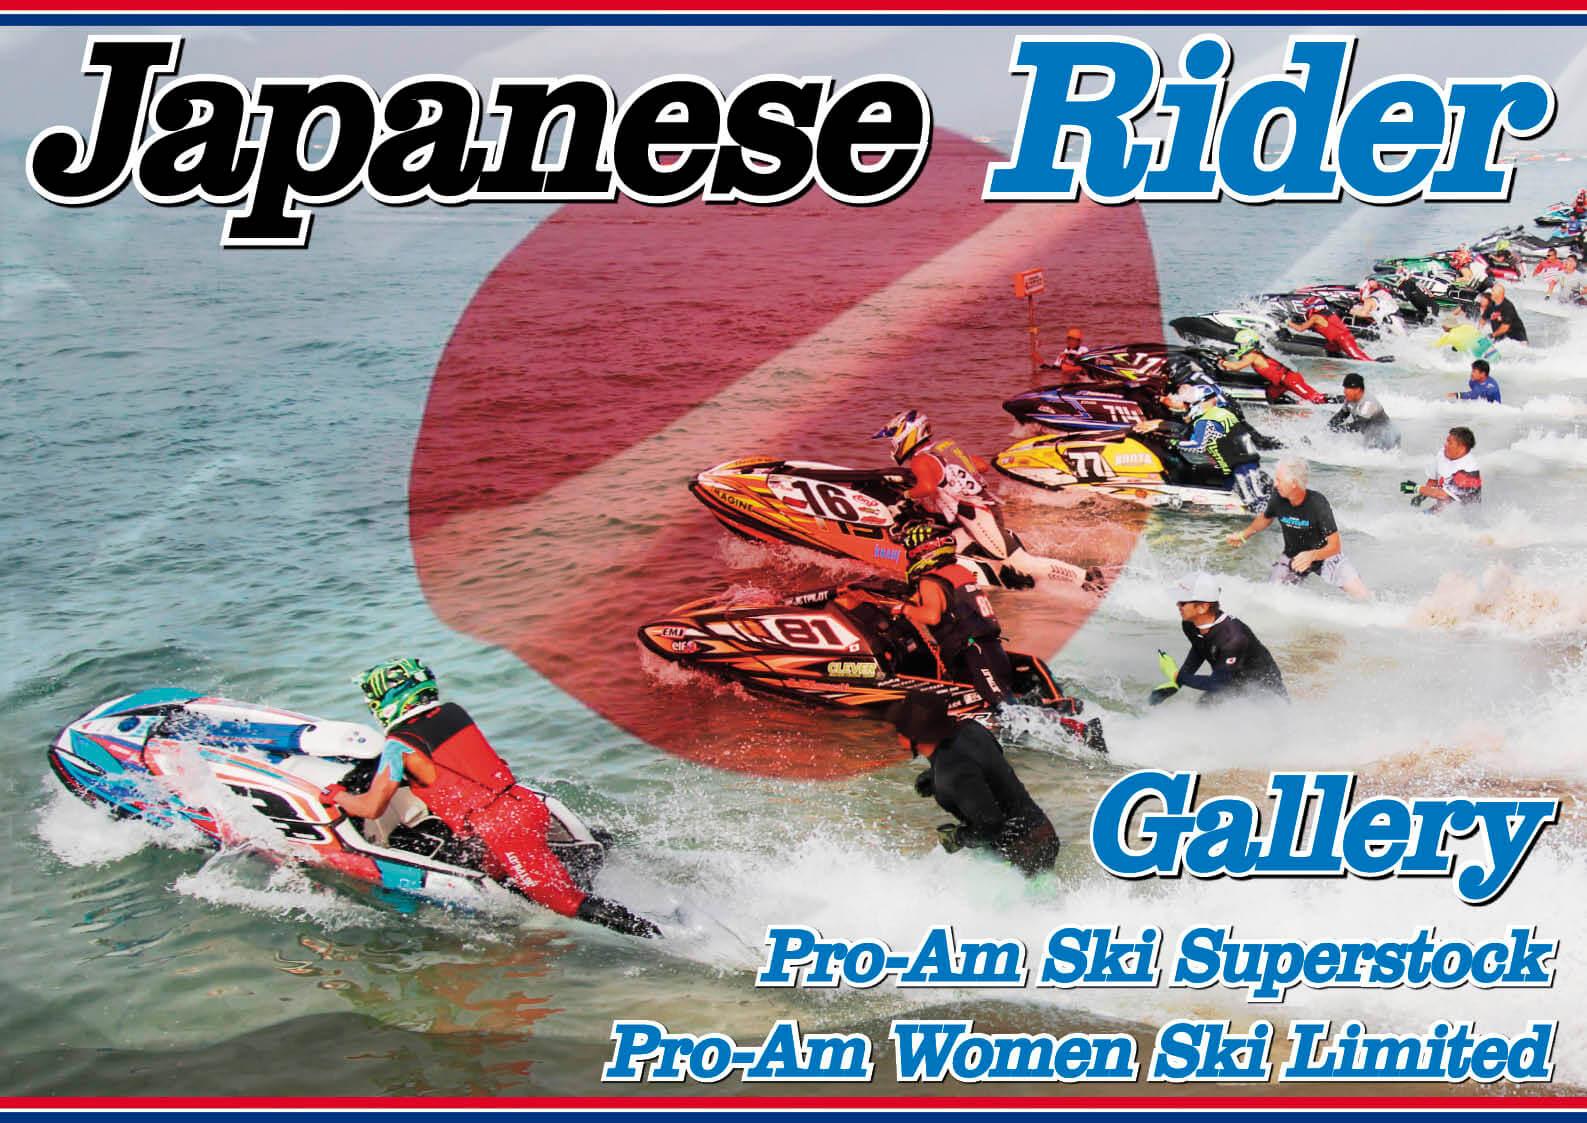 アメリカで戦う日本人ライダーたち 2019年 ワールドファイナル ジェットスキー(水上バイク)のメジャーレース